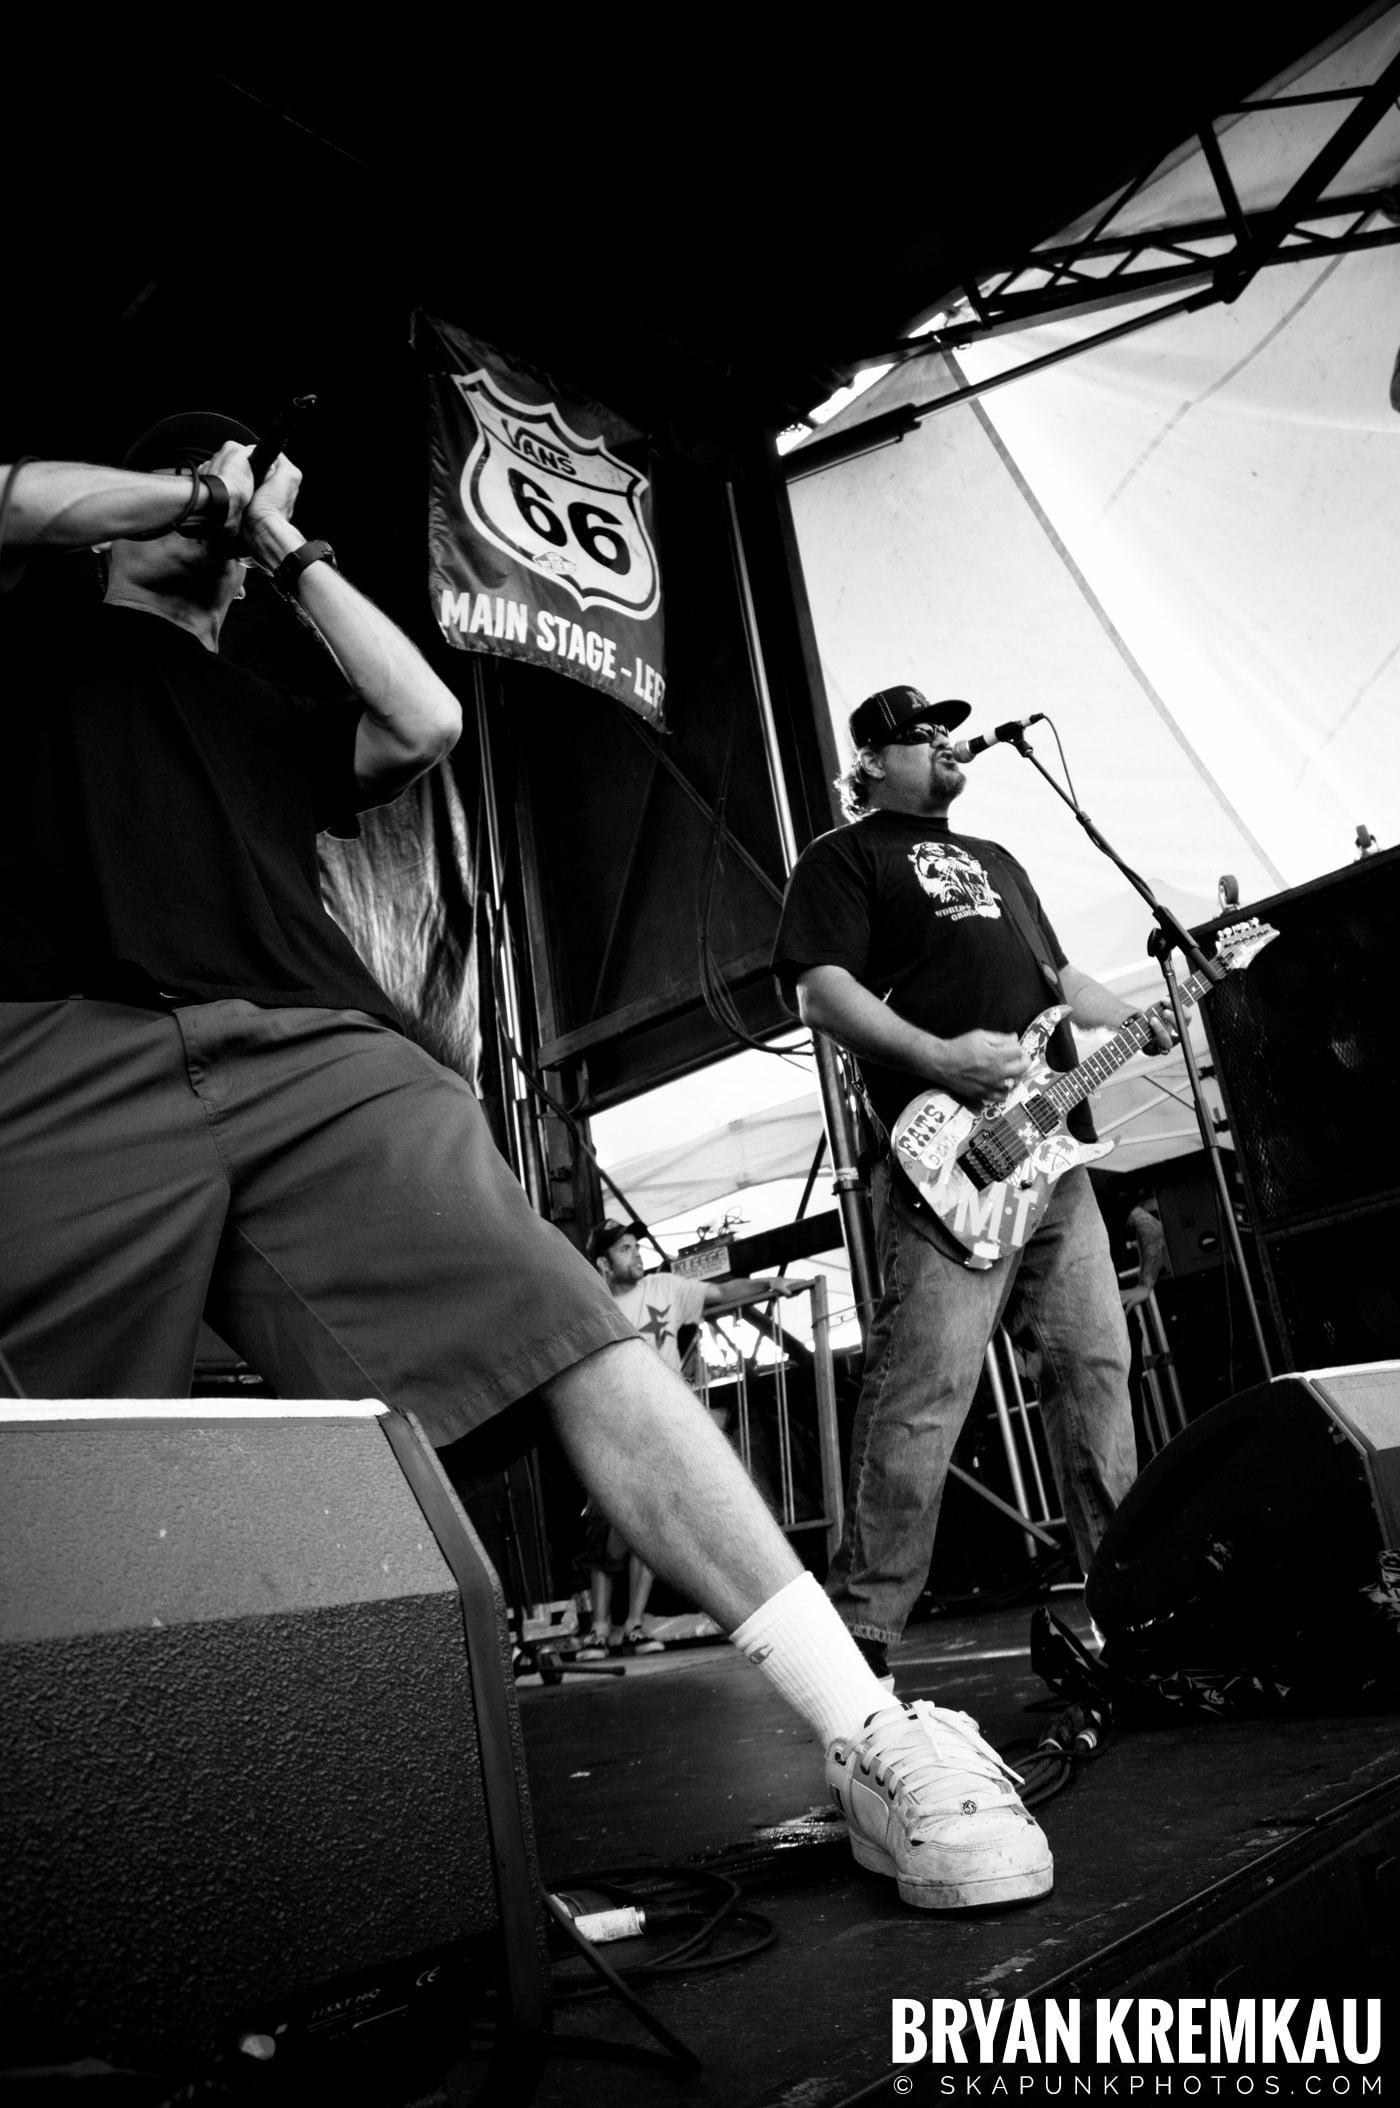 Pennywise @ Warped Tour 08, Scranton PA - 7.27.08 (5)